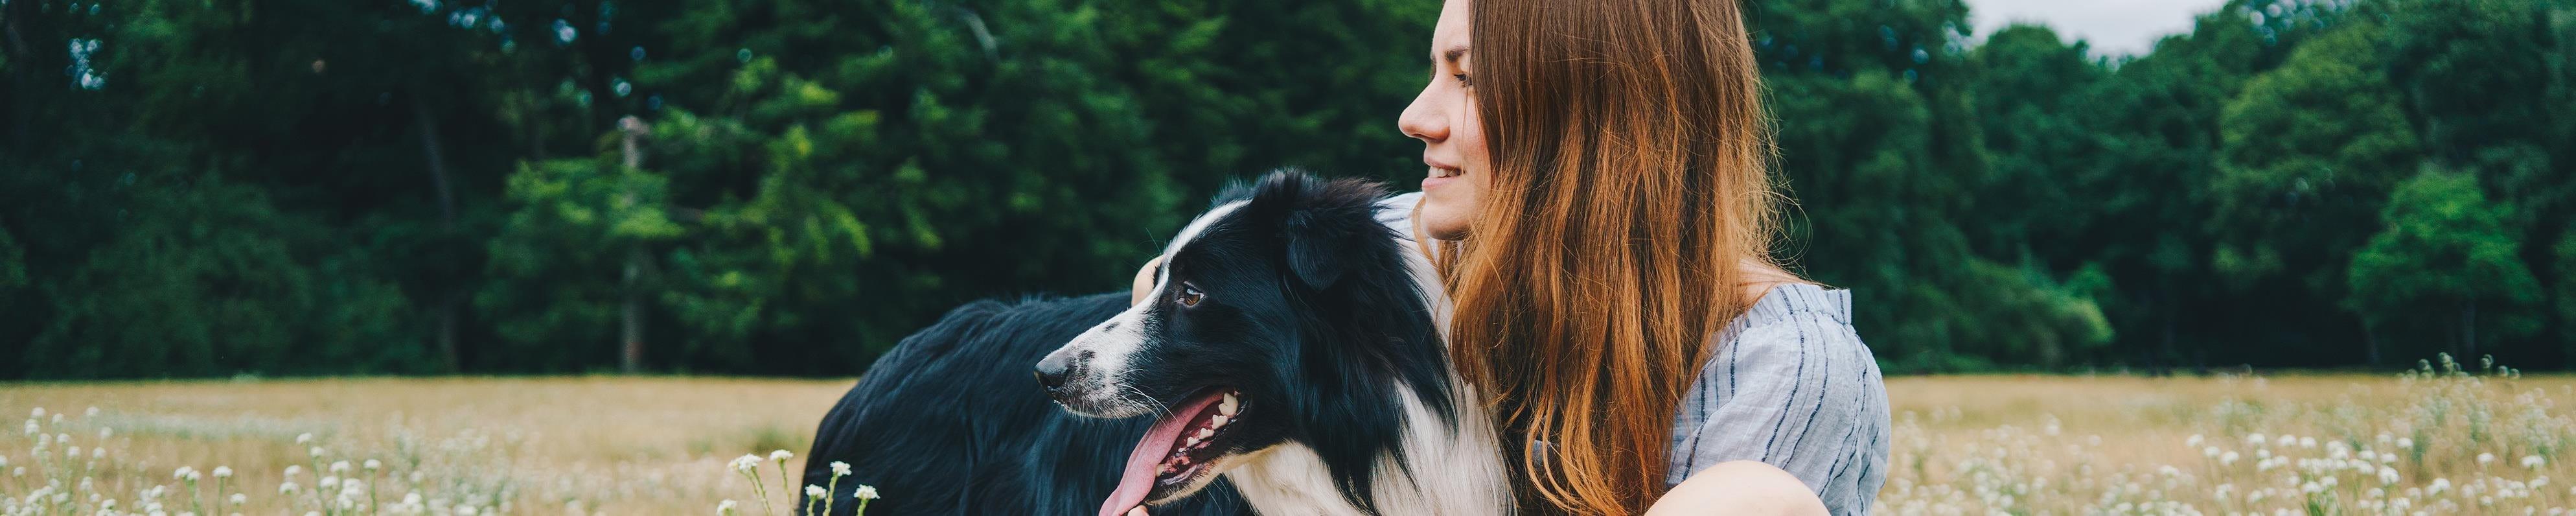 Jeune femme jouant avec un chien Border Collie dans un parc